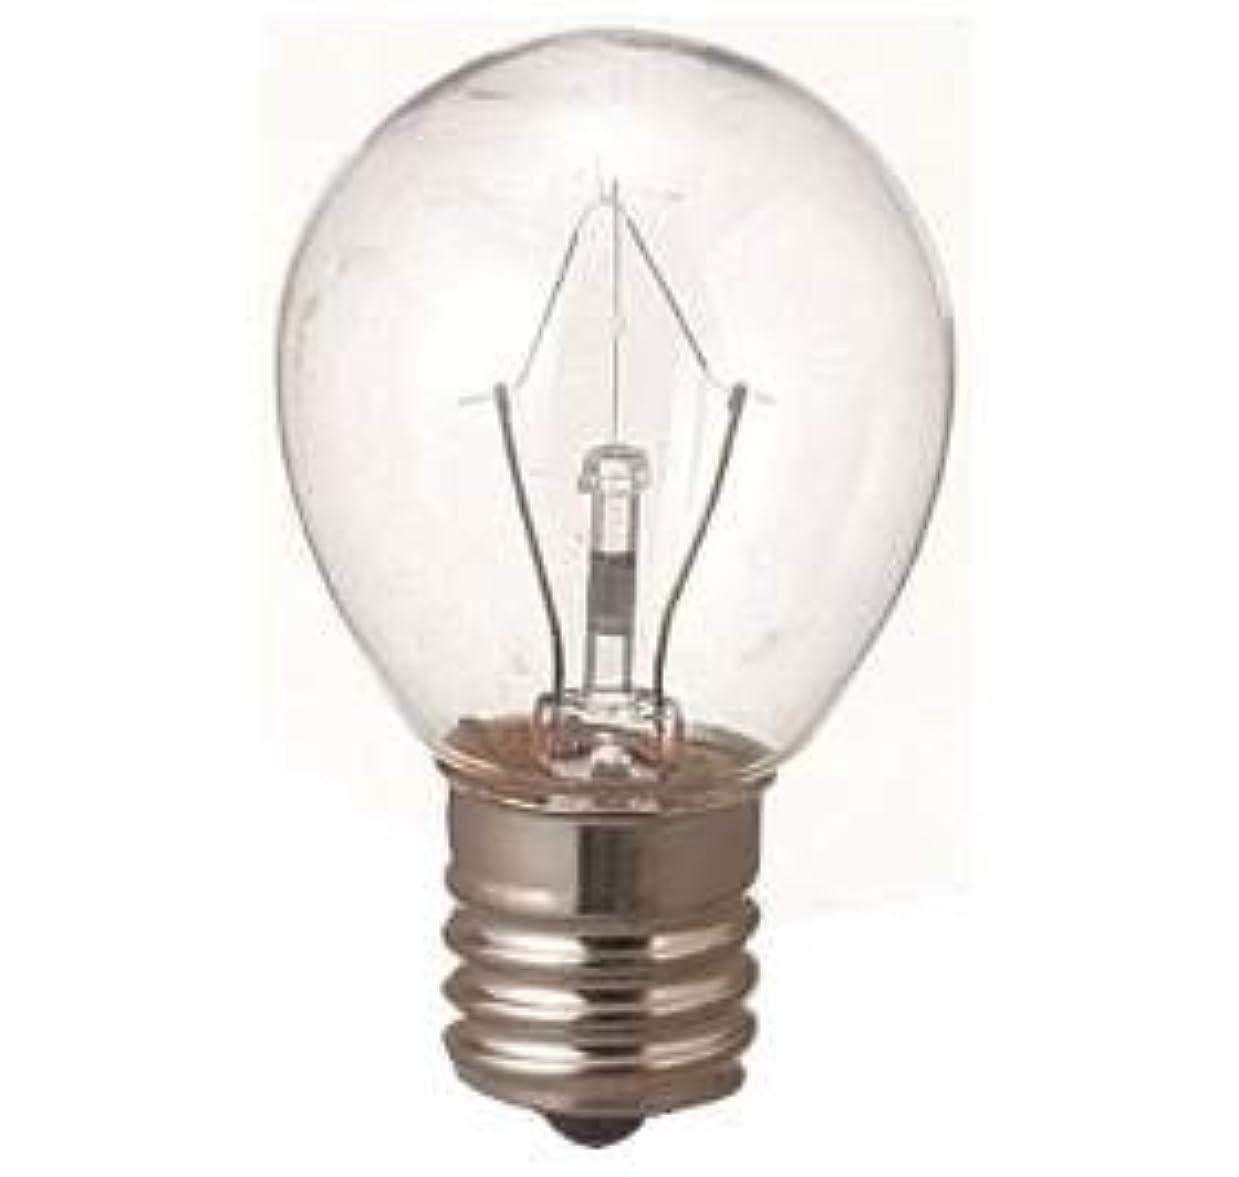 十代の若者たち飛躍ホールド生活の木 アロマランプM用 電球15W(サイズ:φ23×H50mm)